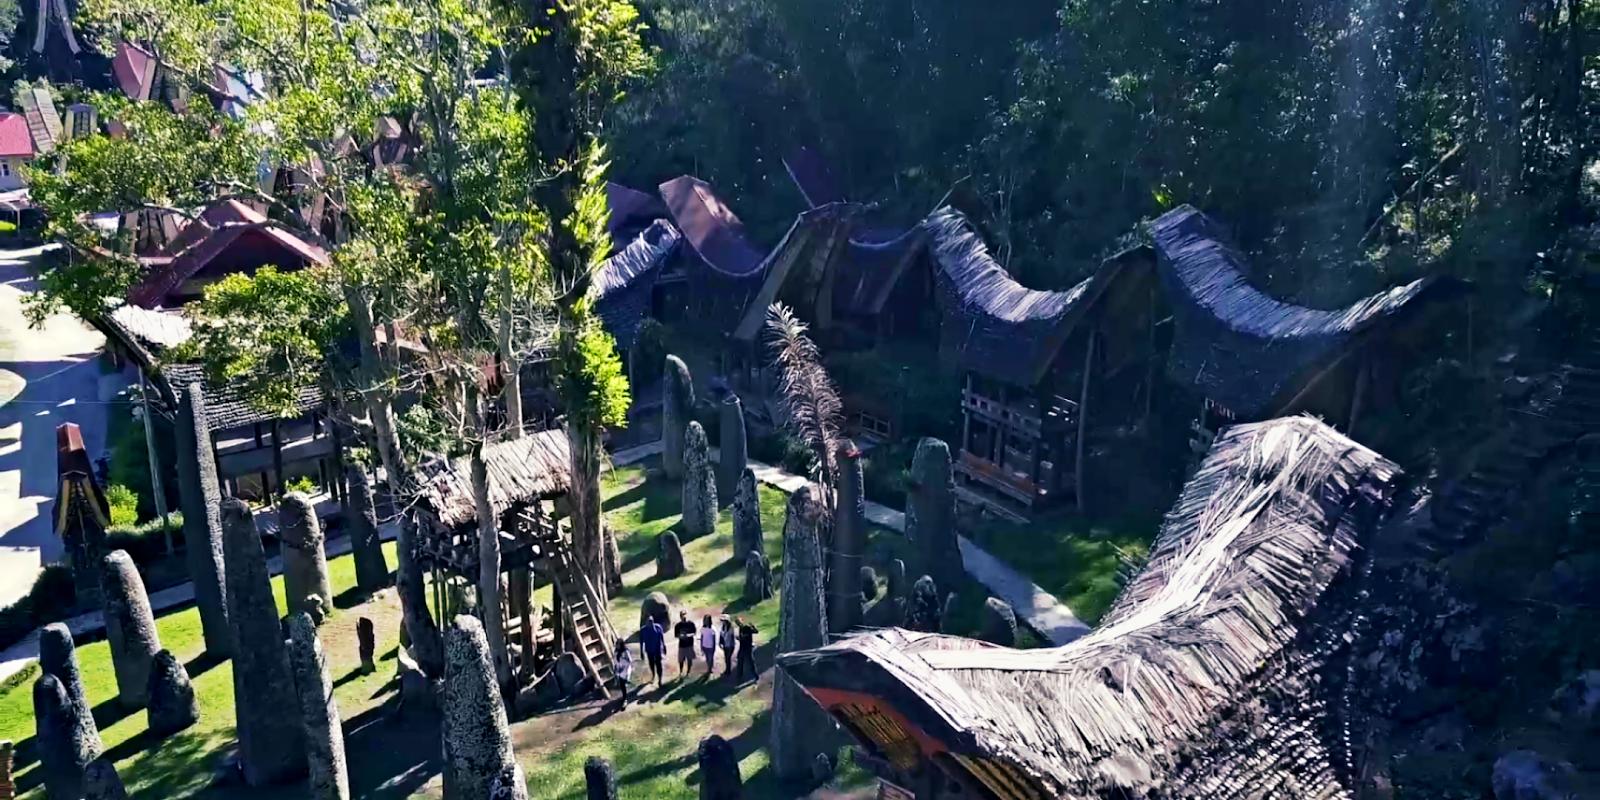 Dihiasi 102 Batu Menhir, Jadi Daya Tarik Objek Wisata Kalimbuang Bori Toraja